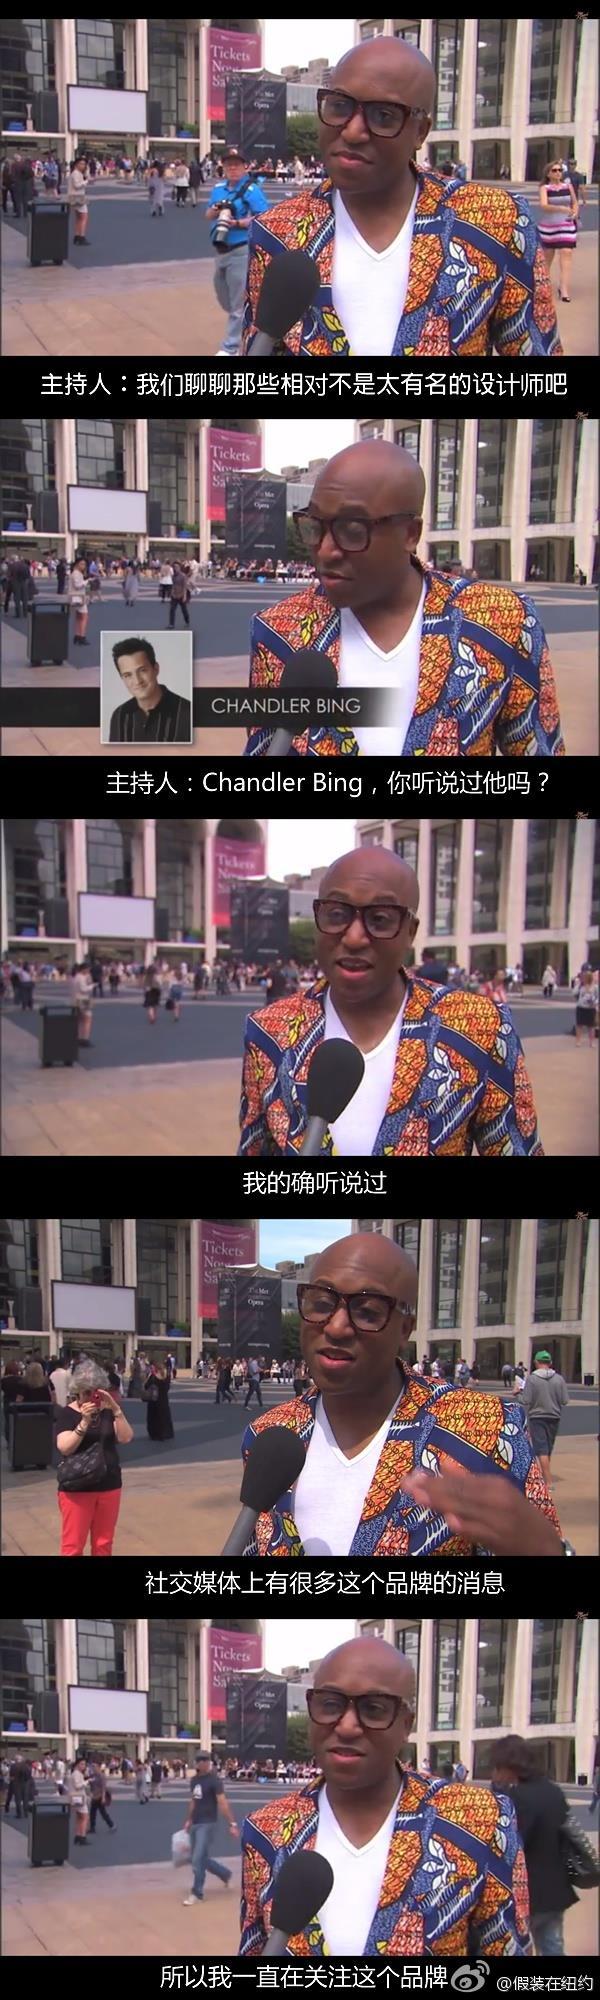 時尚訪問/weibo